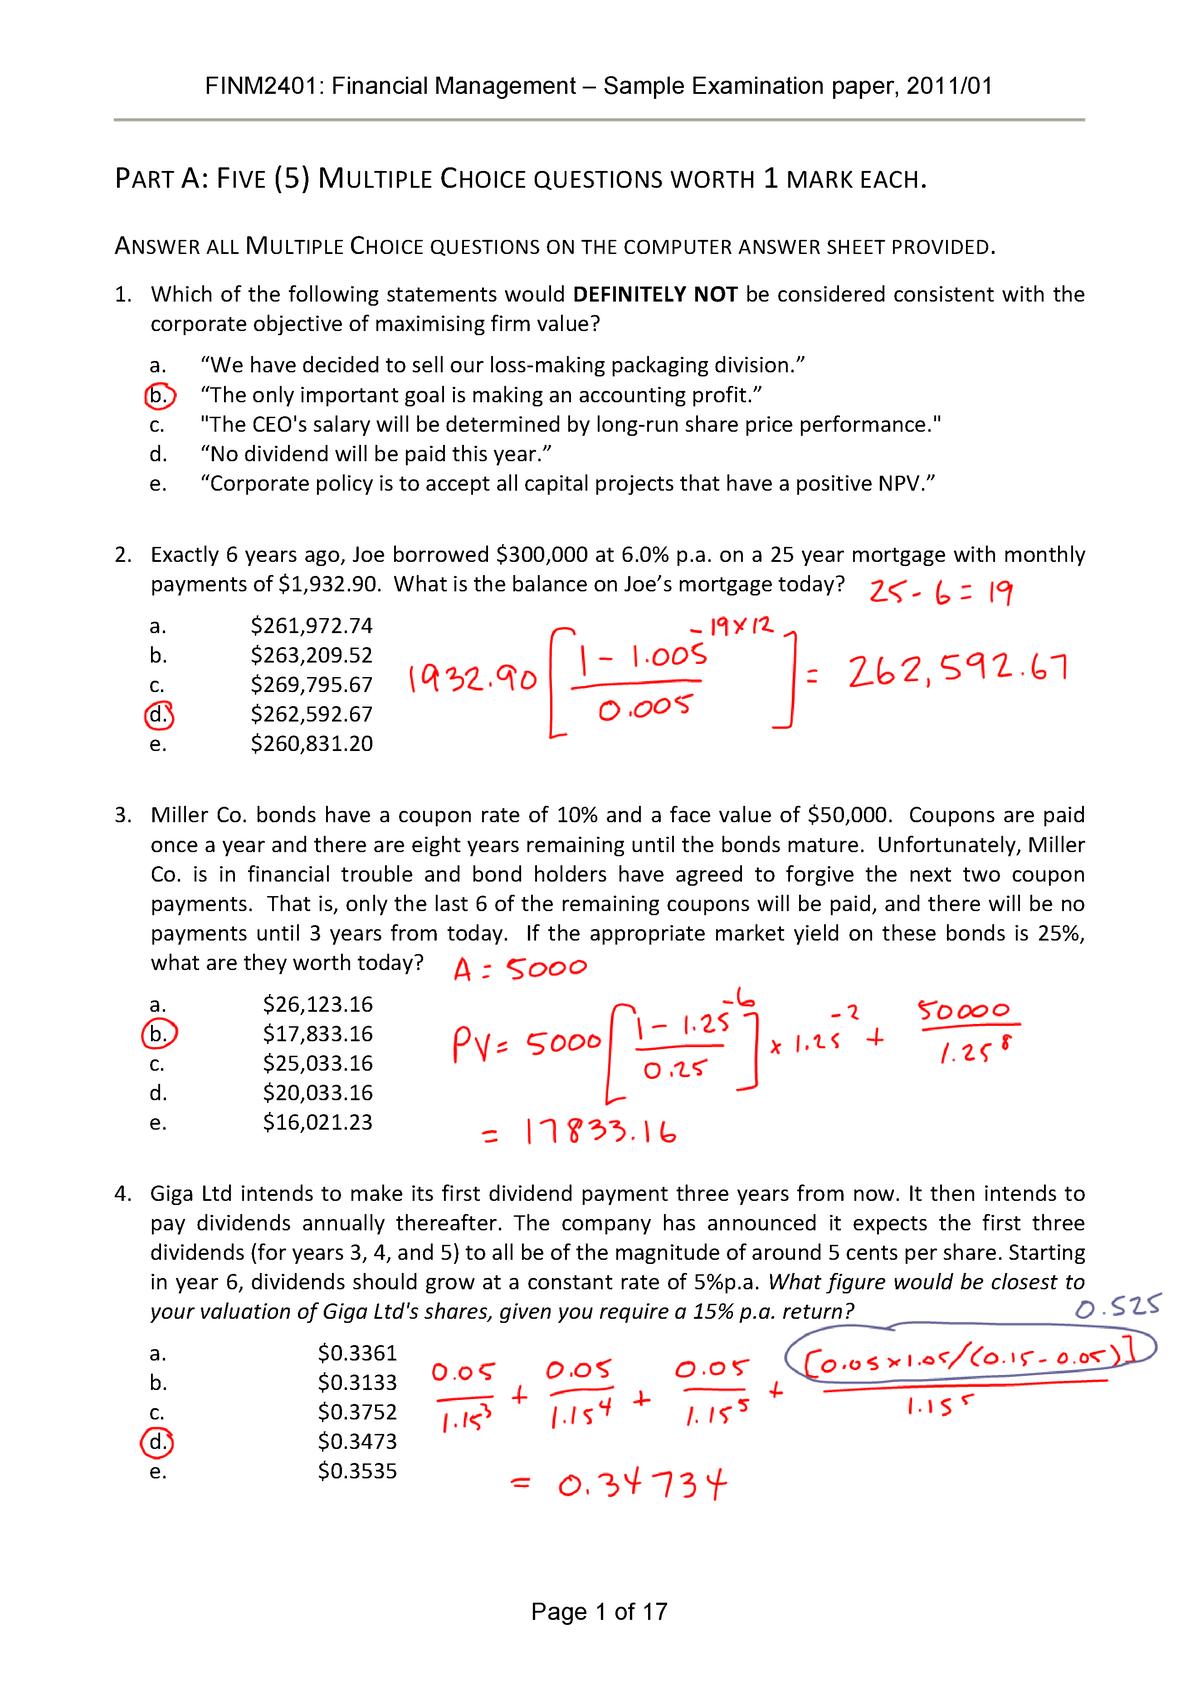 Exam 2011 - FINM2401: Financial Management - StuDocu